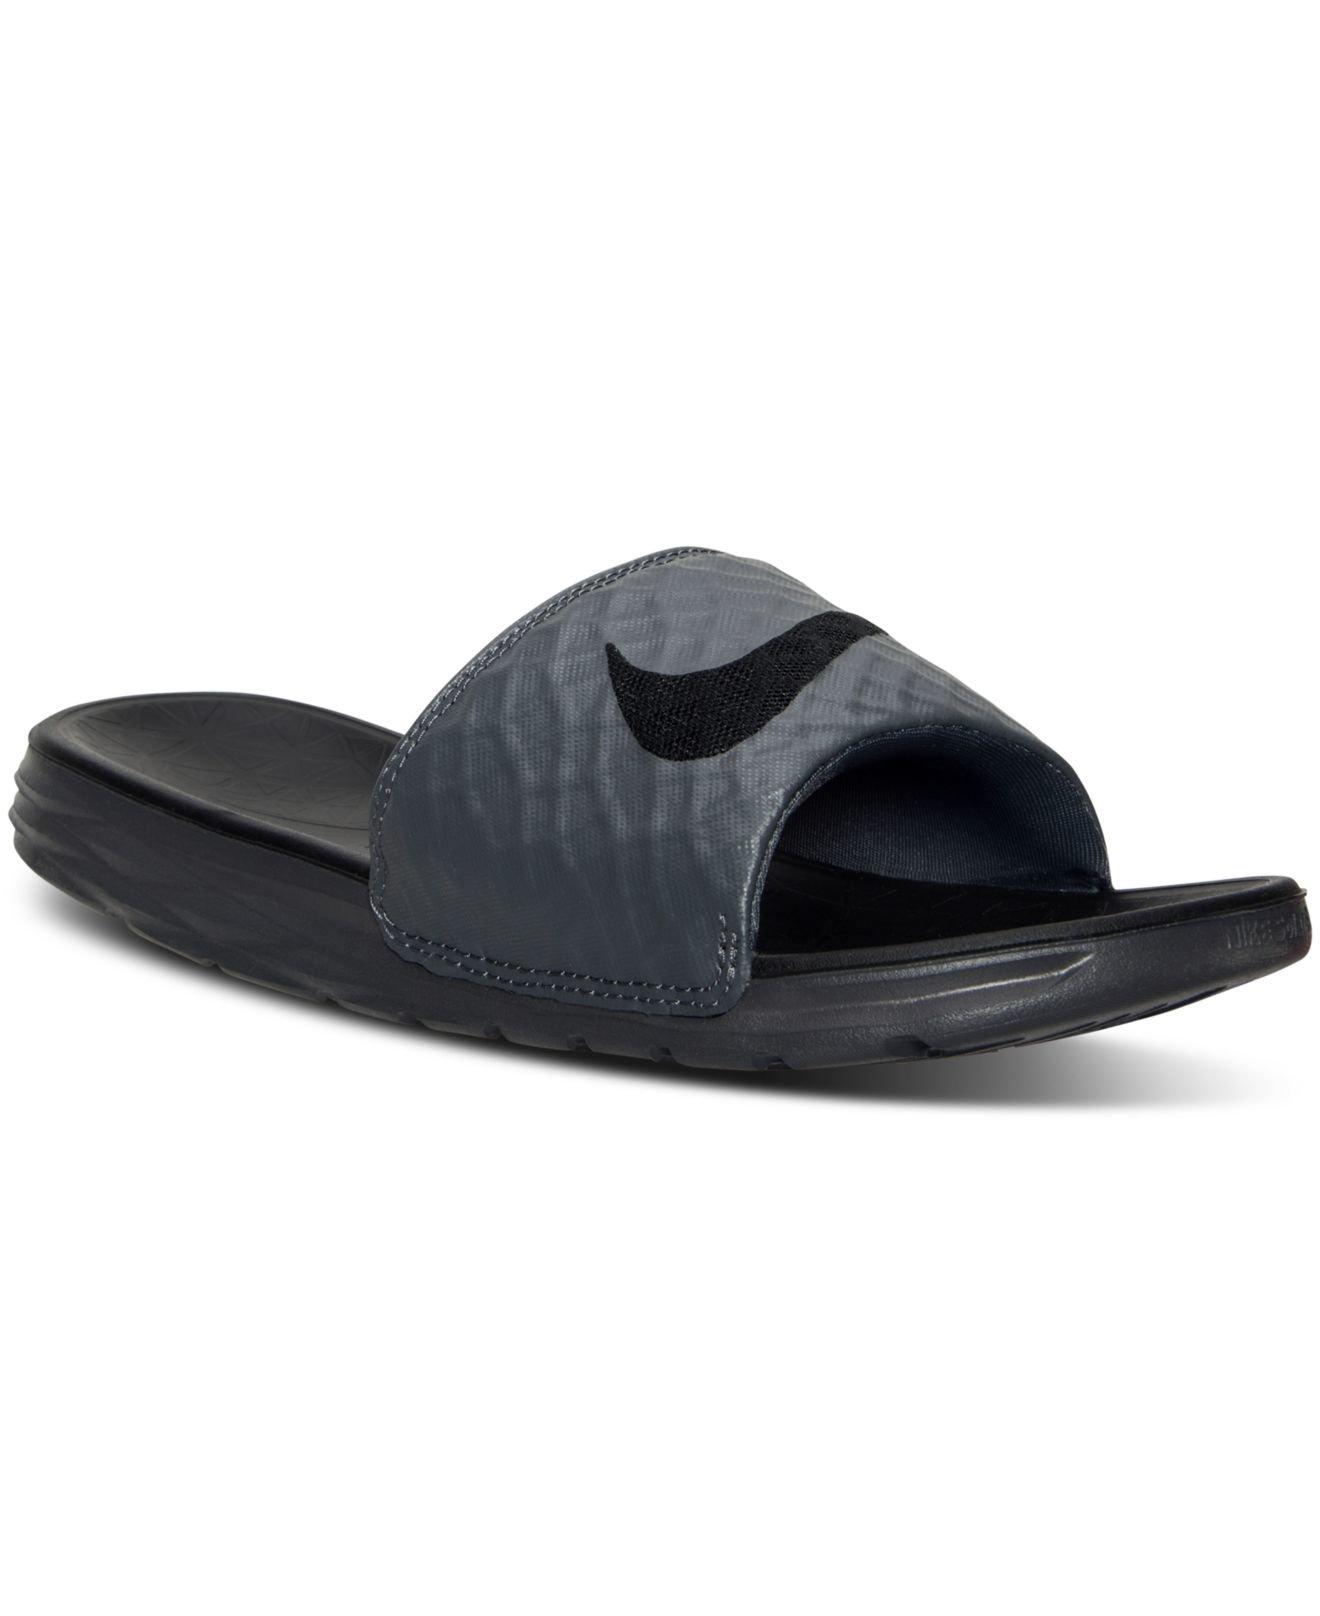 Macy S Men S Athletic Shoes